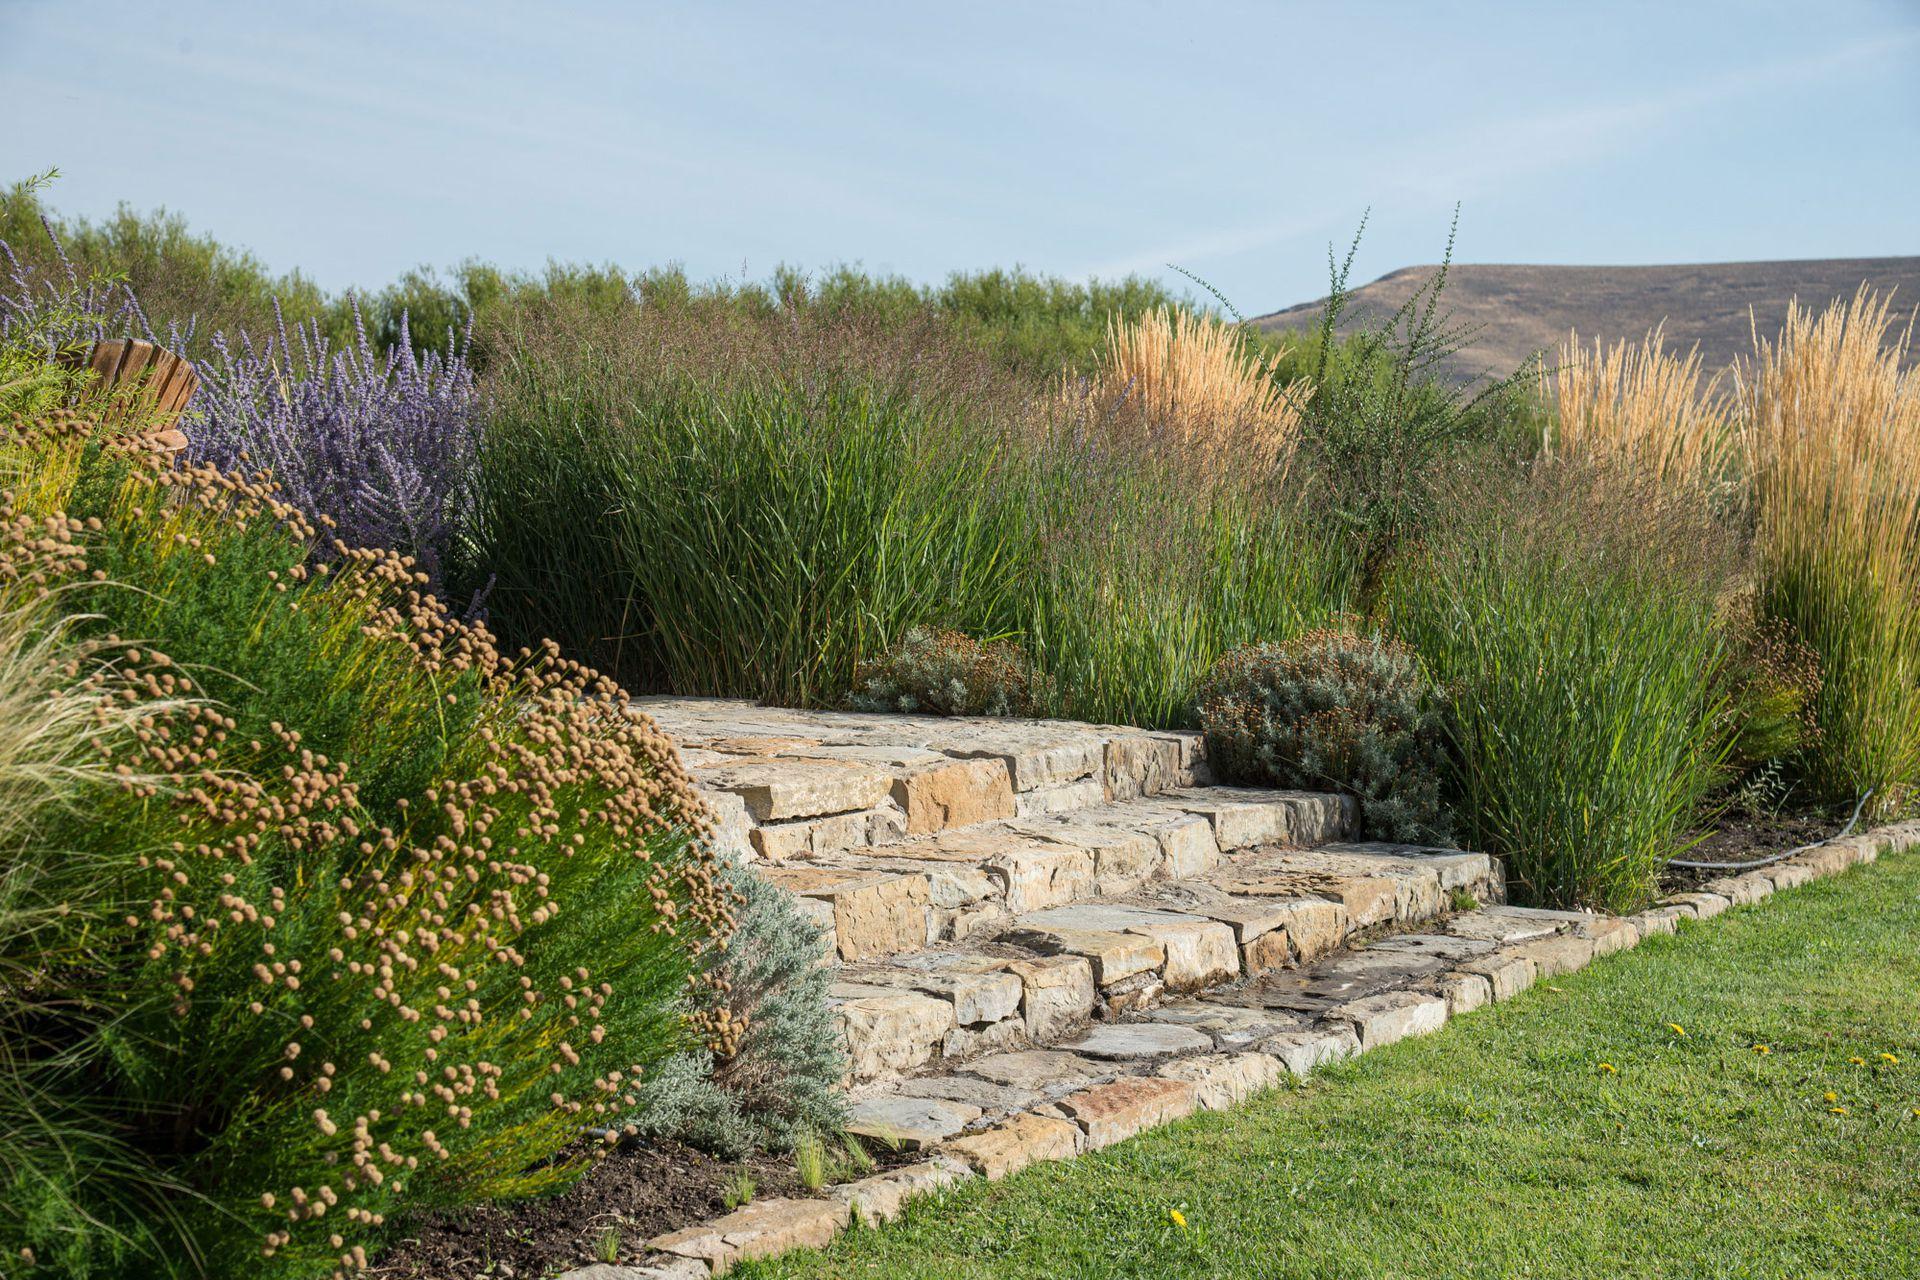 La piedra es un elemento protagónico en el conjunto formado por la casa en sí misma y los distintos trazados del jardín.  Su rusticidad potencia la delicadeza de las plantas elegidas.